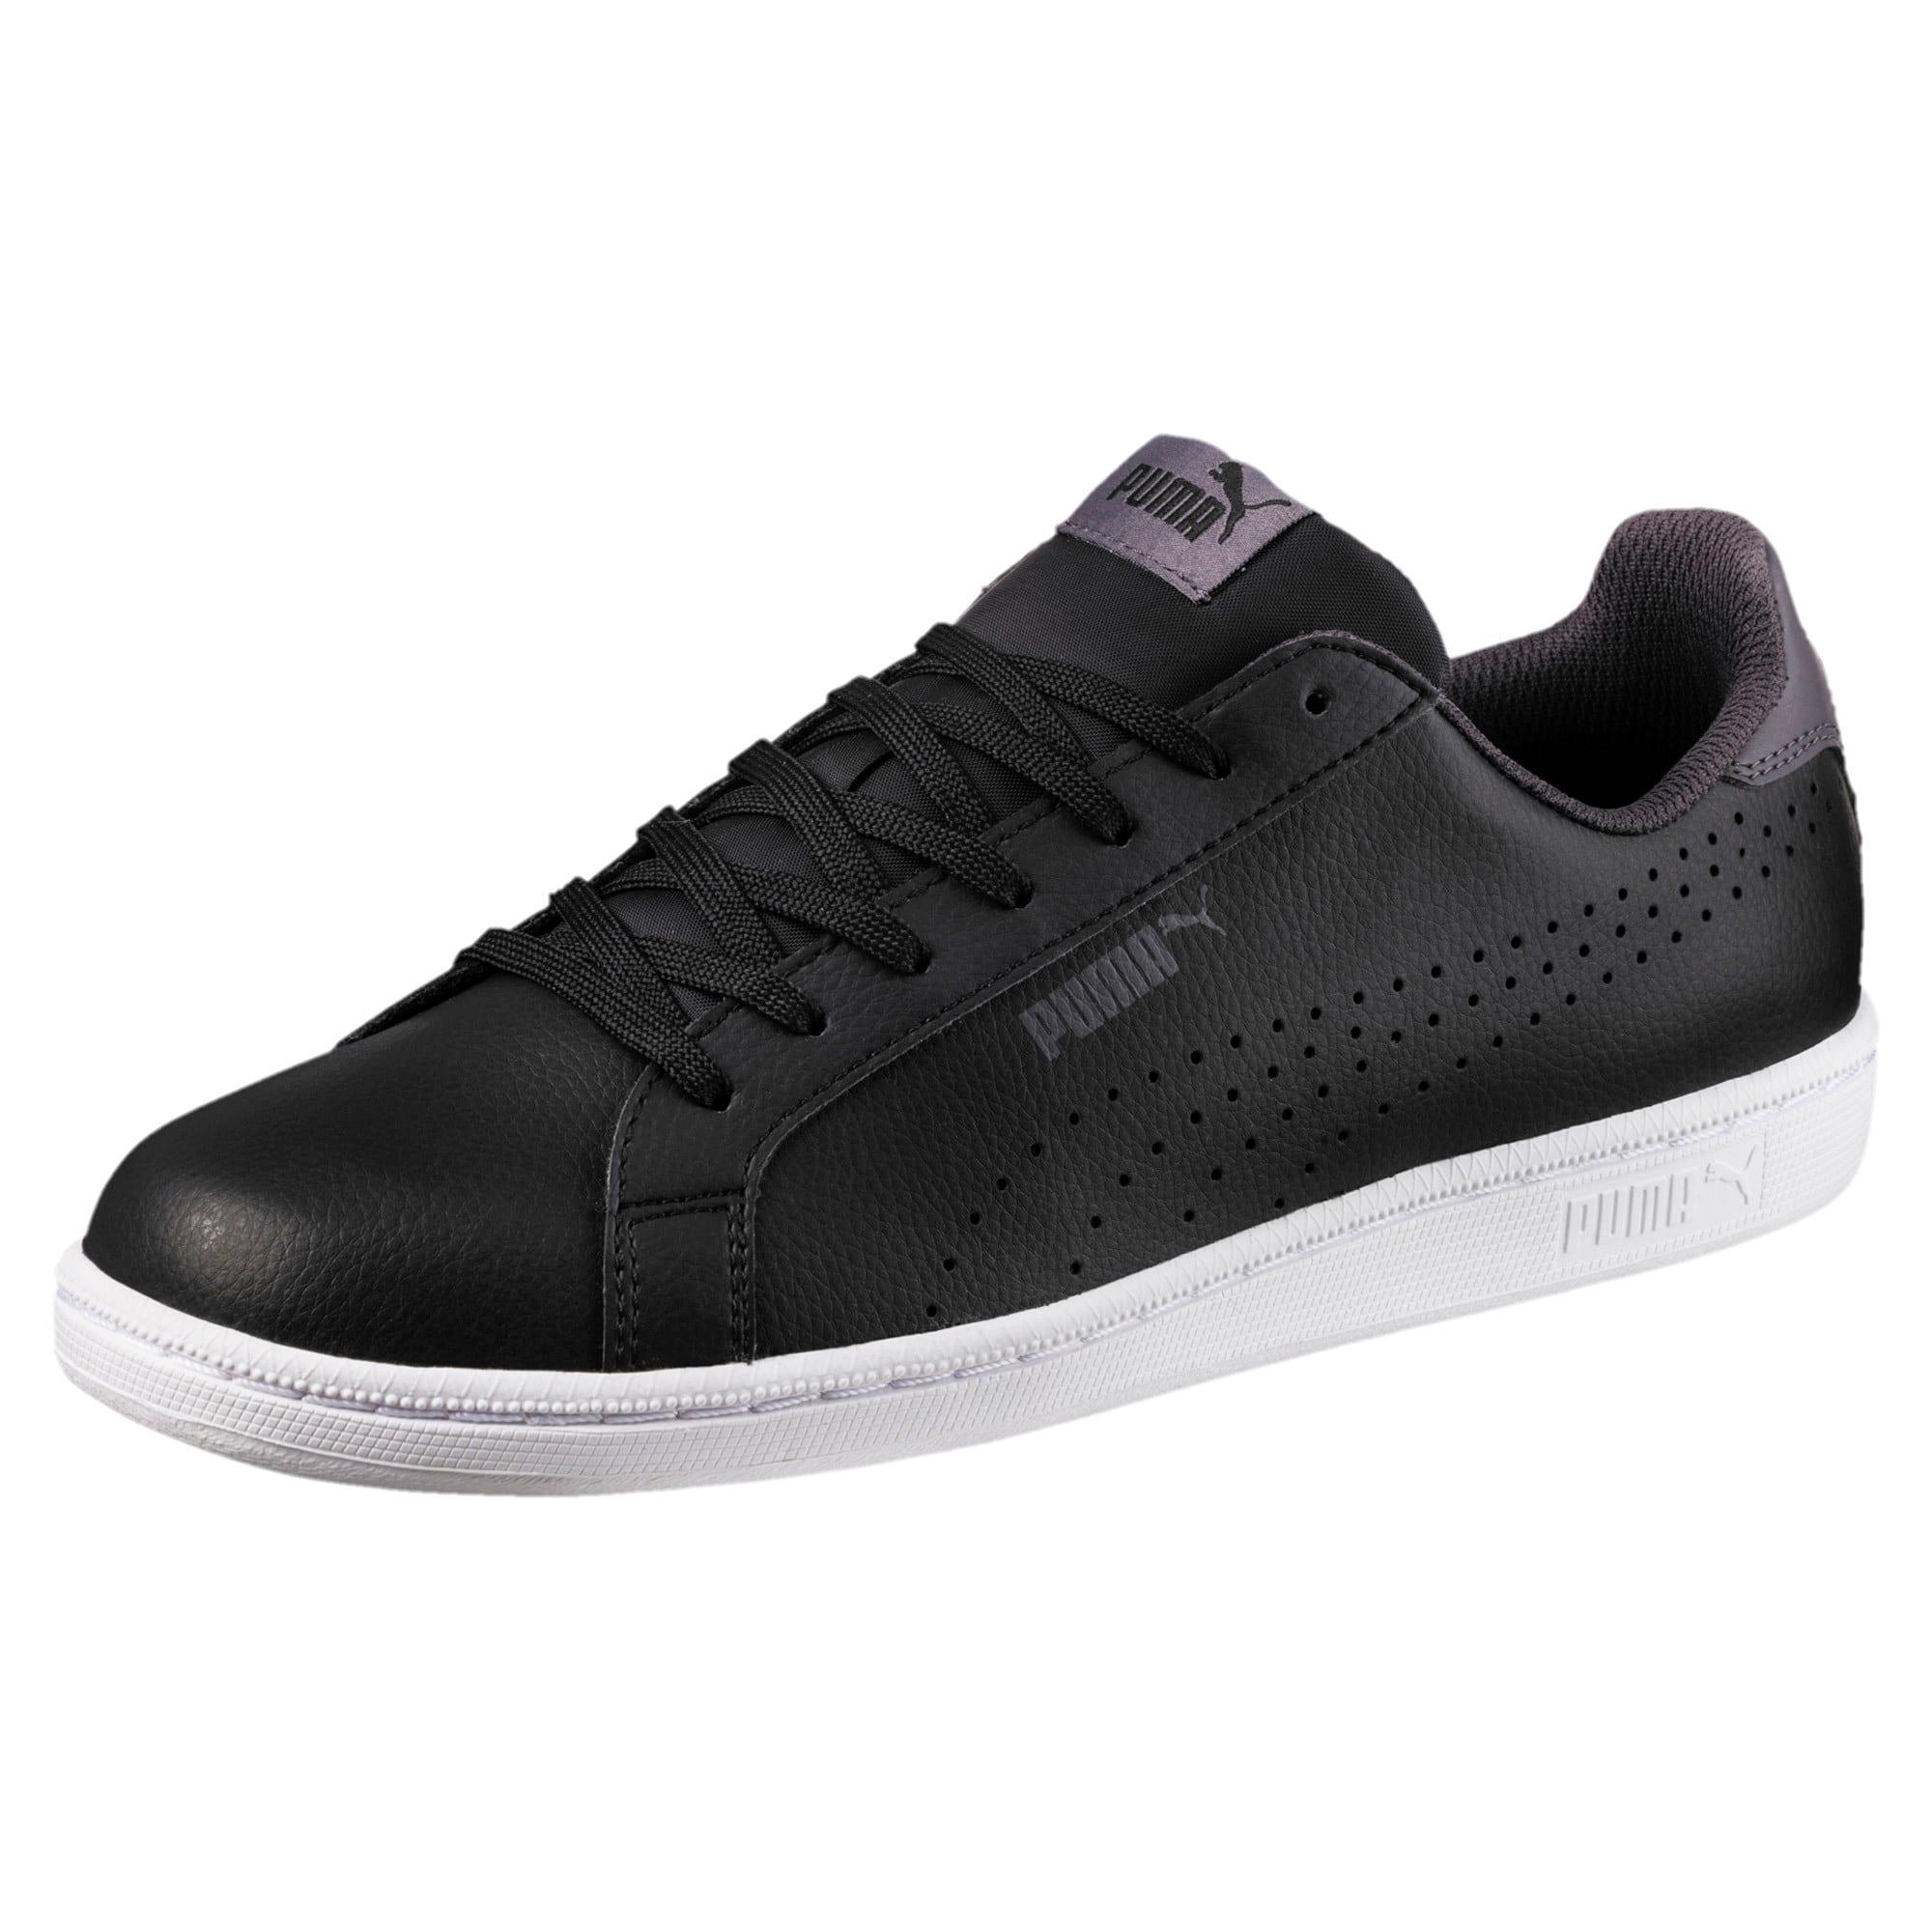 Thumbnail 1 of PUMA Smash Perf Sneakers, Puma Black-Periscope, medium